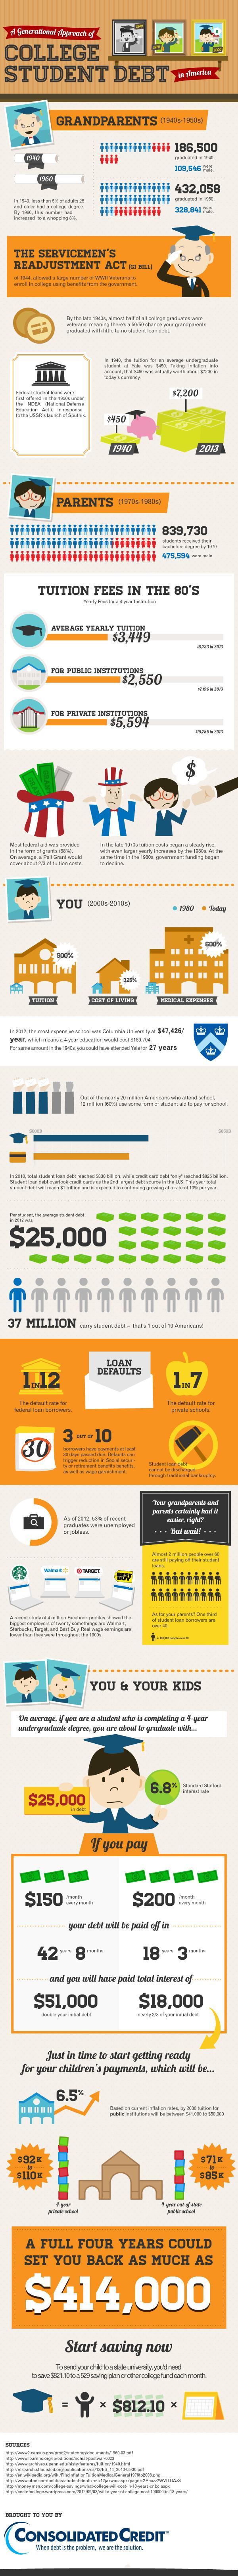 Student Debt Trends